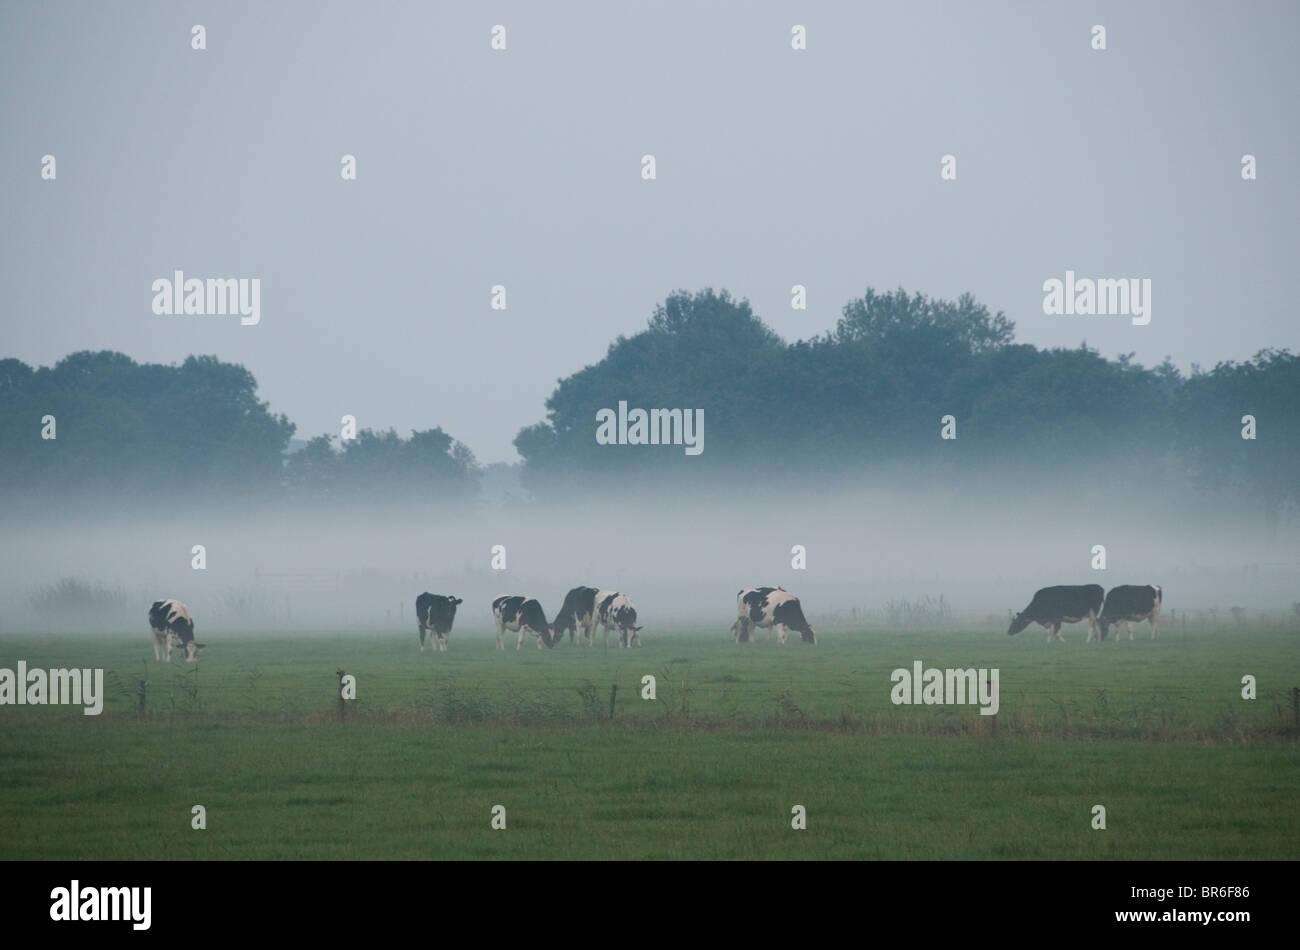 Friesland Pays-bas agriculture Ferme vaches vache le brouillard Photo Stock